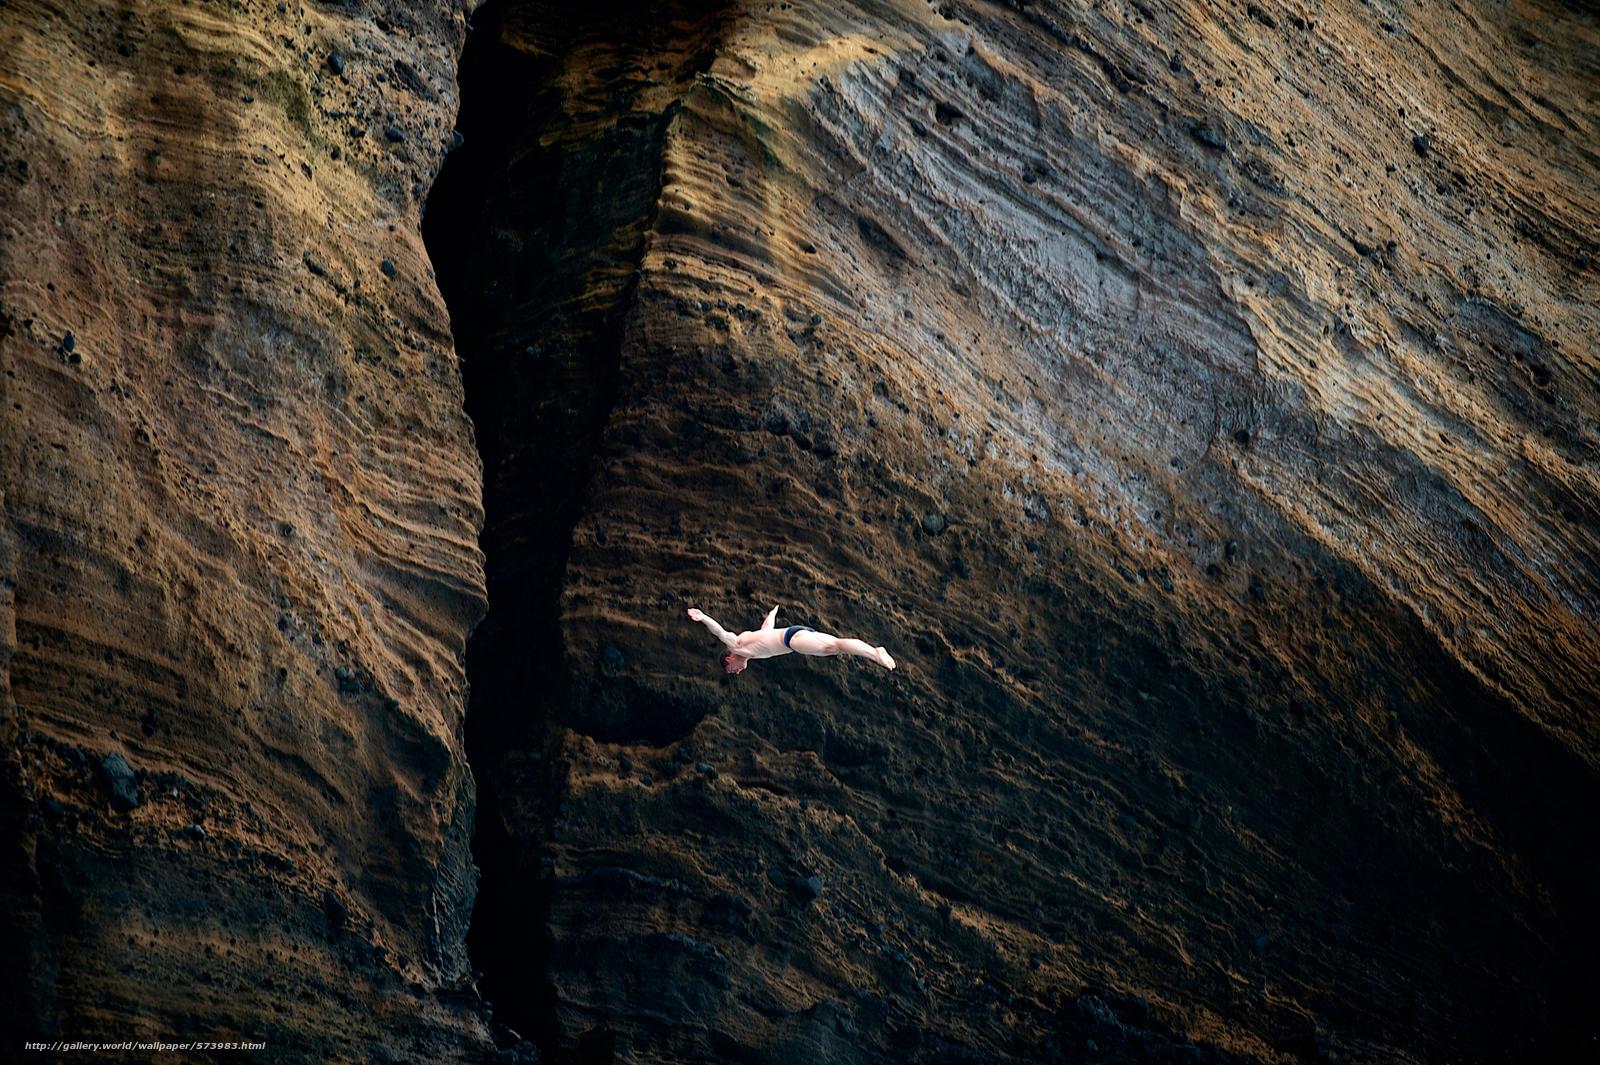 Скачать обои полёт,  скала,  мужчина,  прыжок бесплатно для рабочего стола в разрешении 2500x1664 — картинка №573983